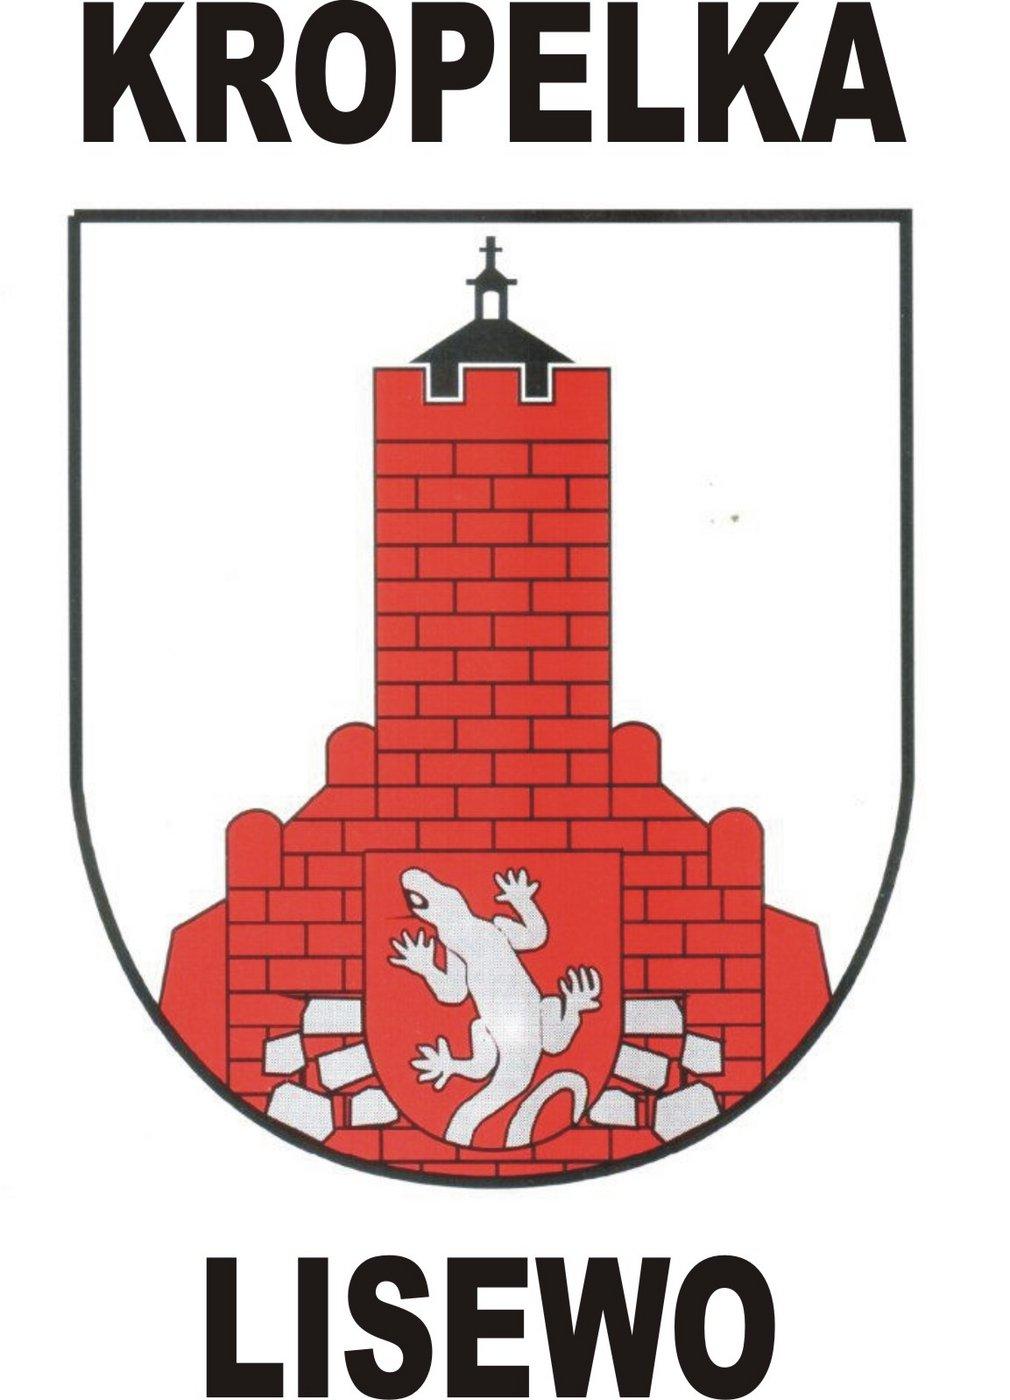 Kropelka Lisewo